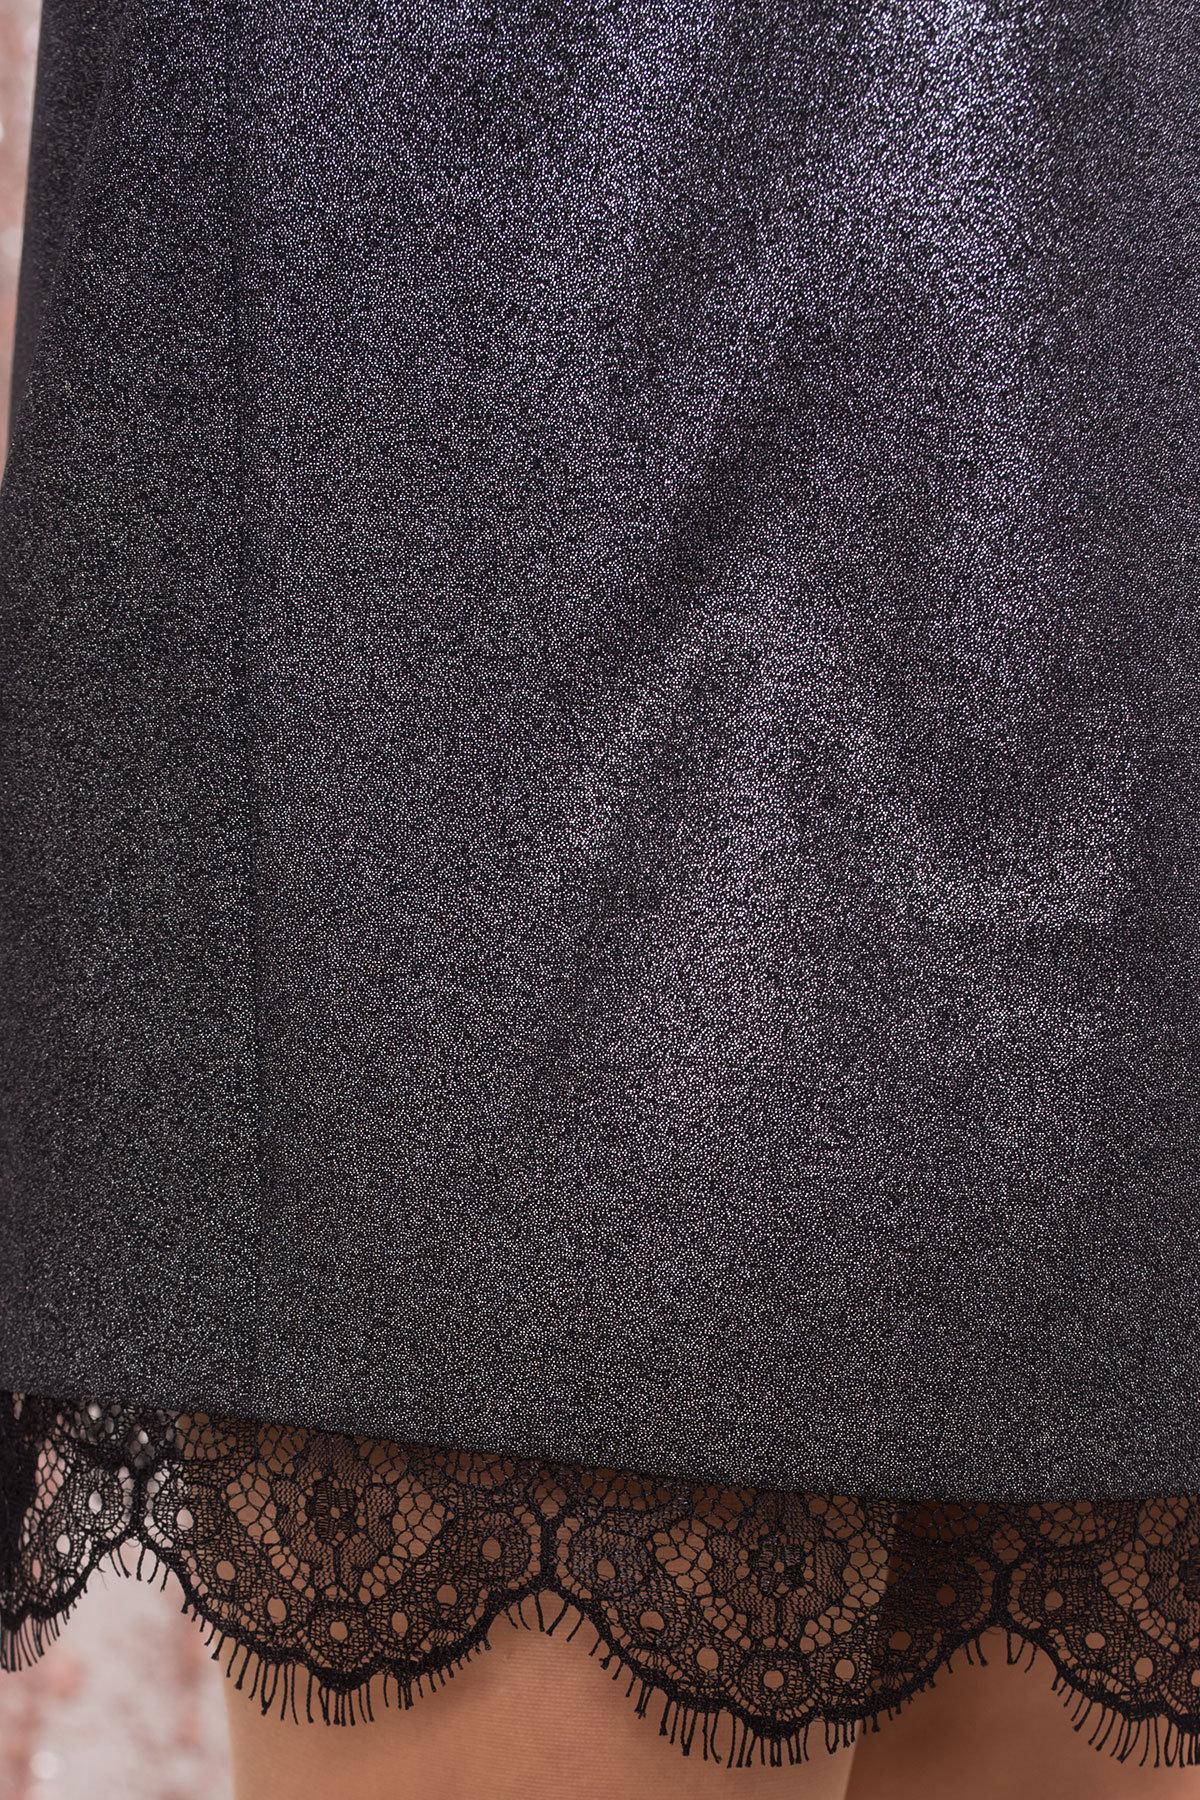 Платье-жакет Маренго 8587 АРТ. 44899 Цвет: Черный - фото 7, интернет магазин tm-modus.ru